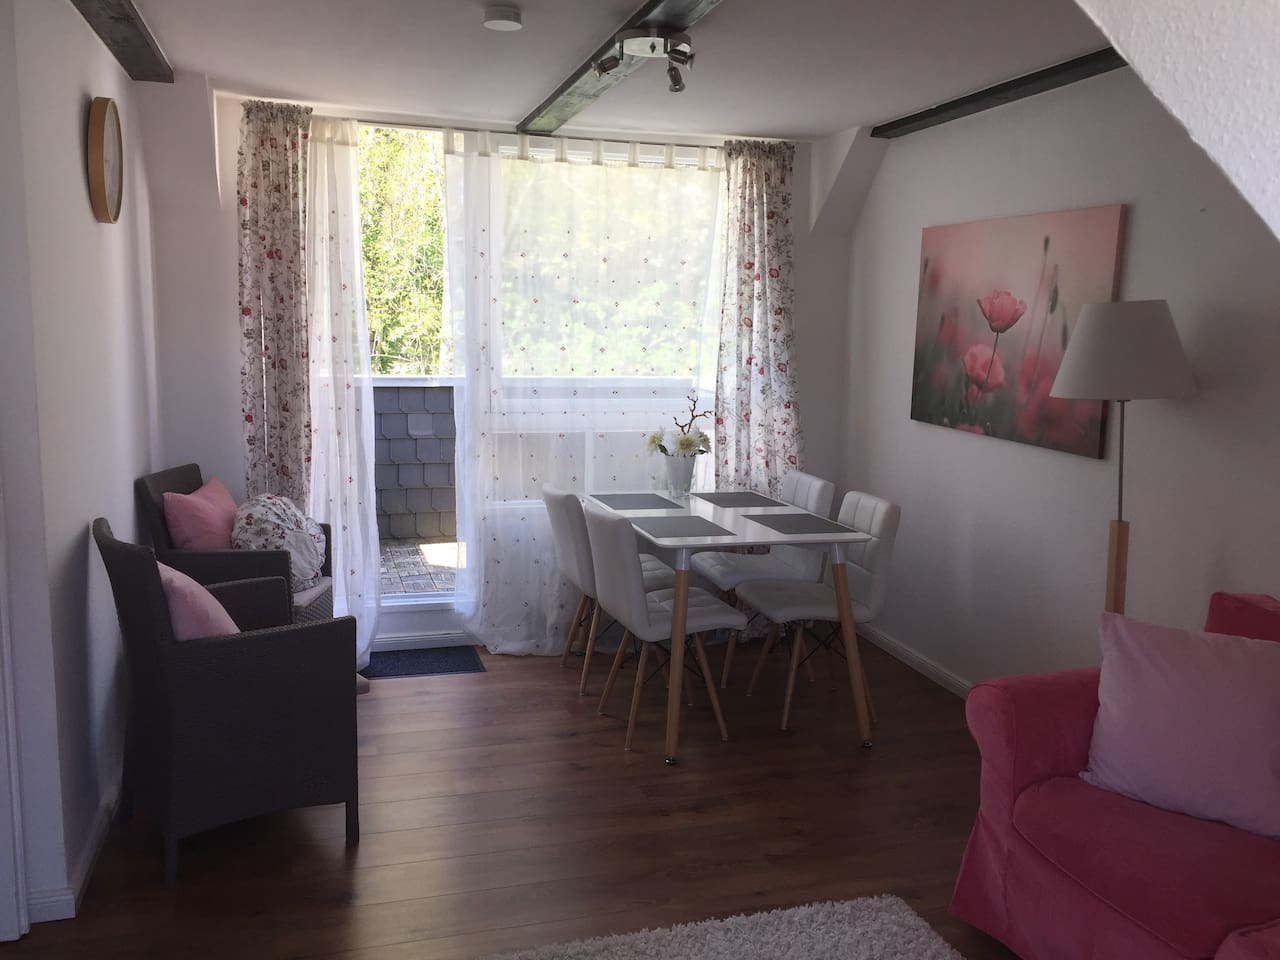 Essbereich mit Zugang zur Loggia,  zwei Sesseln und einem kleinen Tisch für den Balkon.